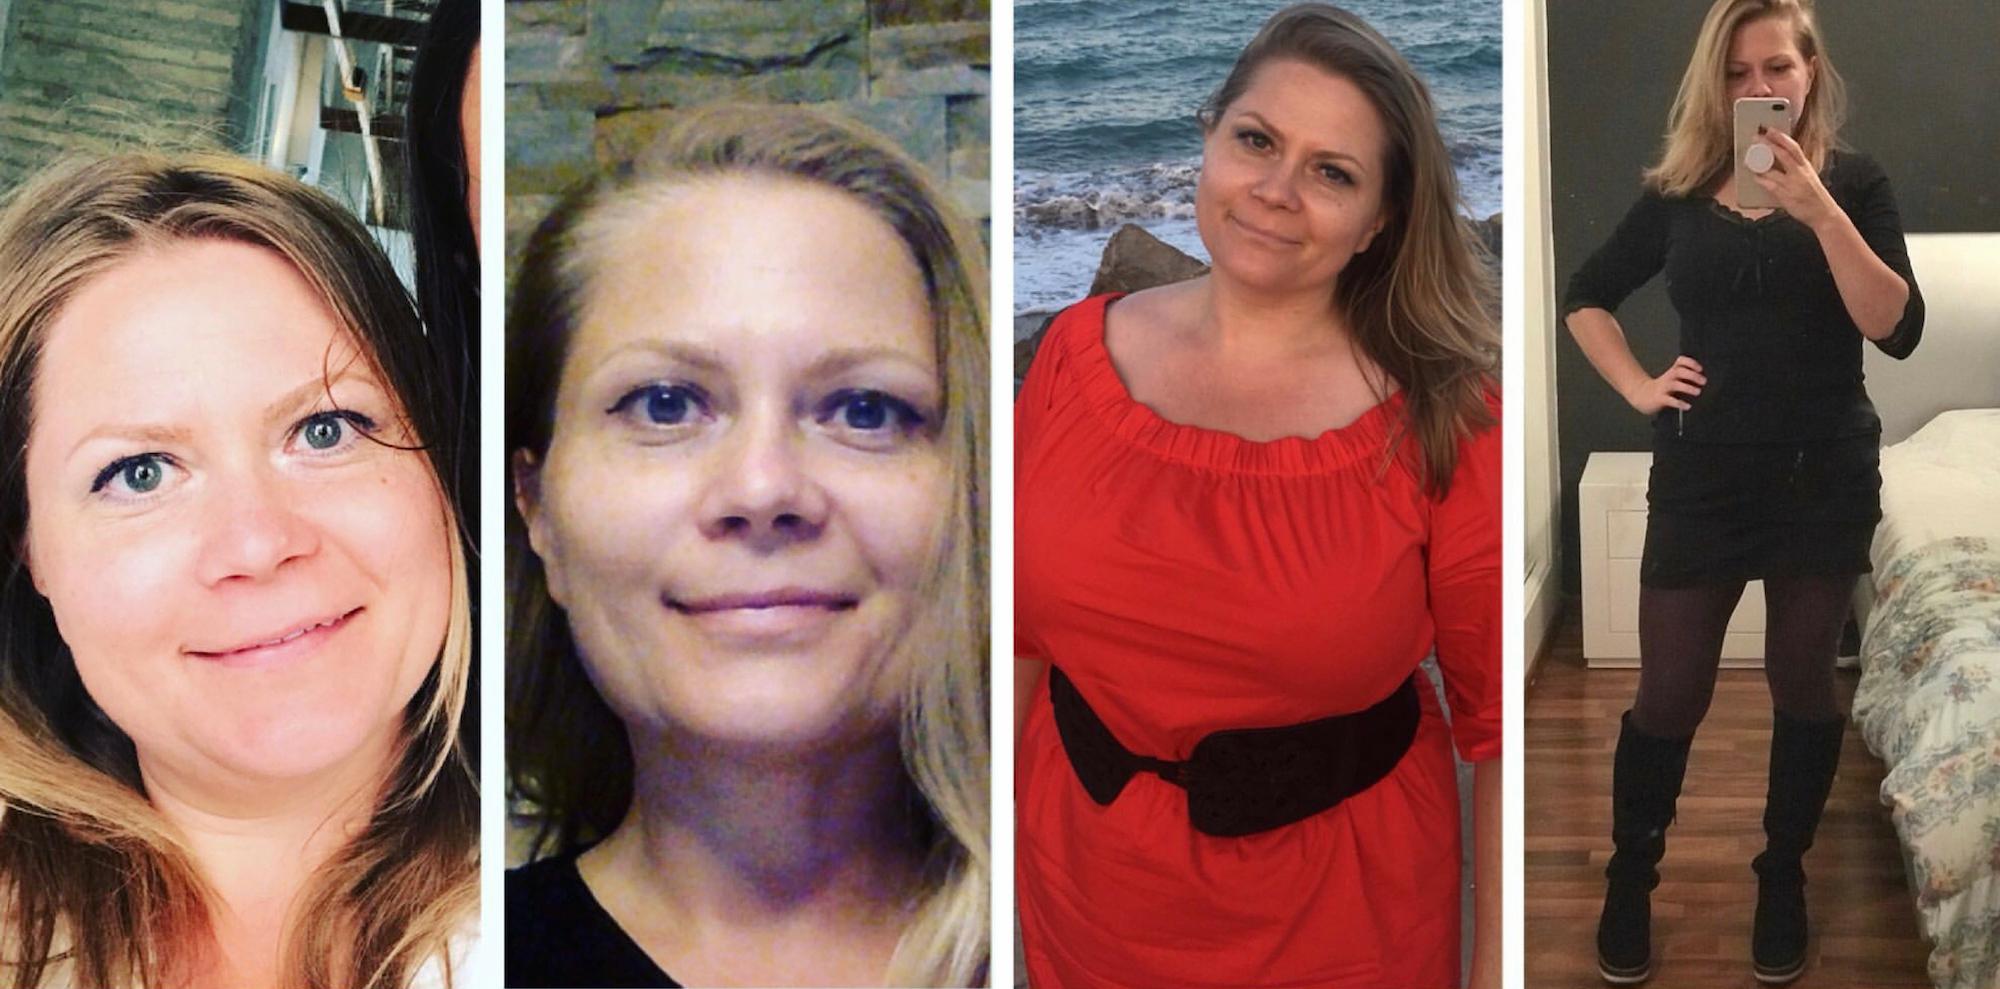 - En estas fotos salgo yo. La diferencia es: 4 meses, 15 kilos y una transformación a todos los niveles.